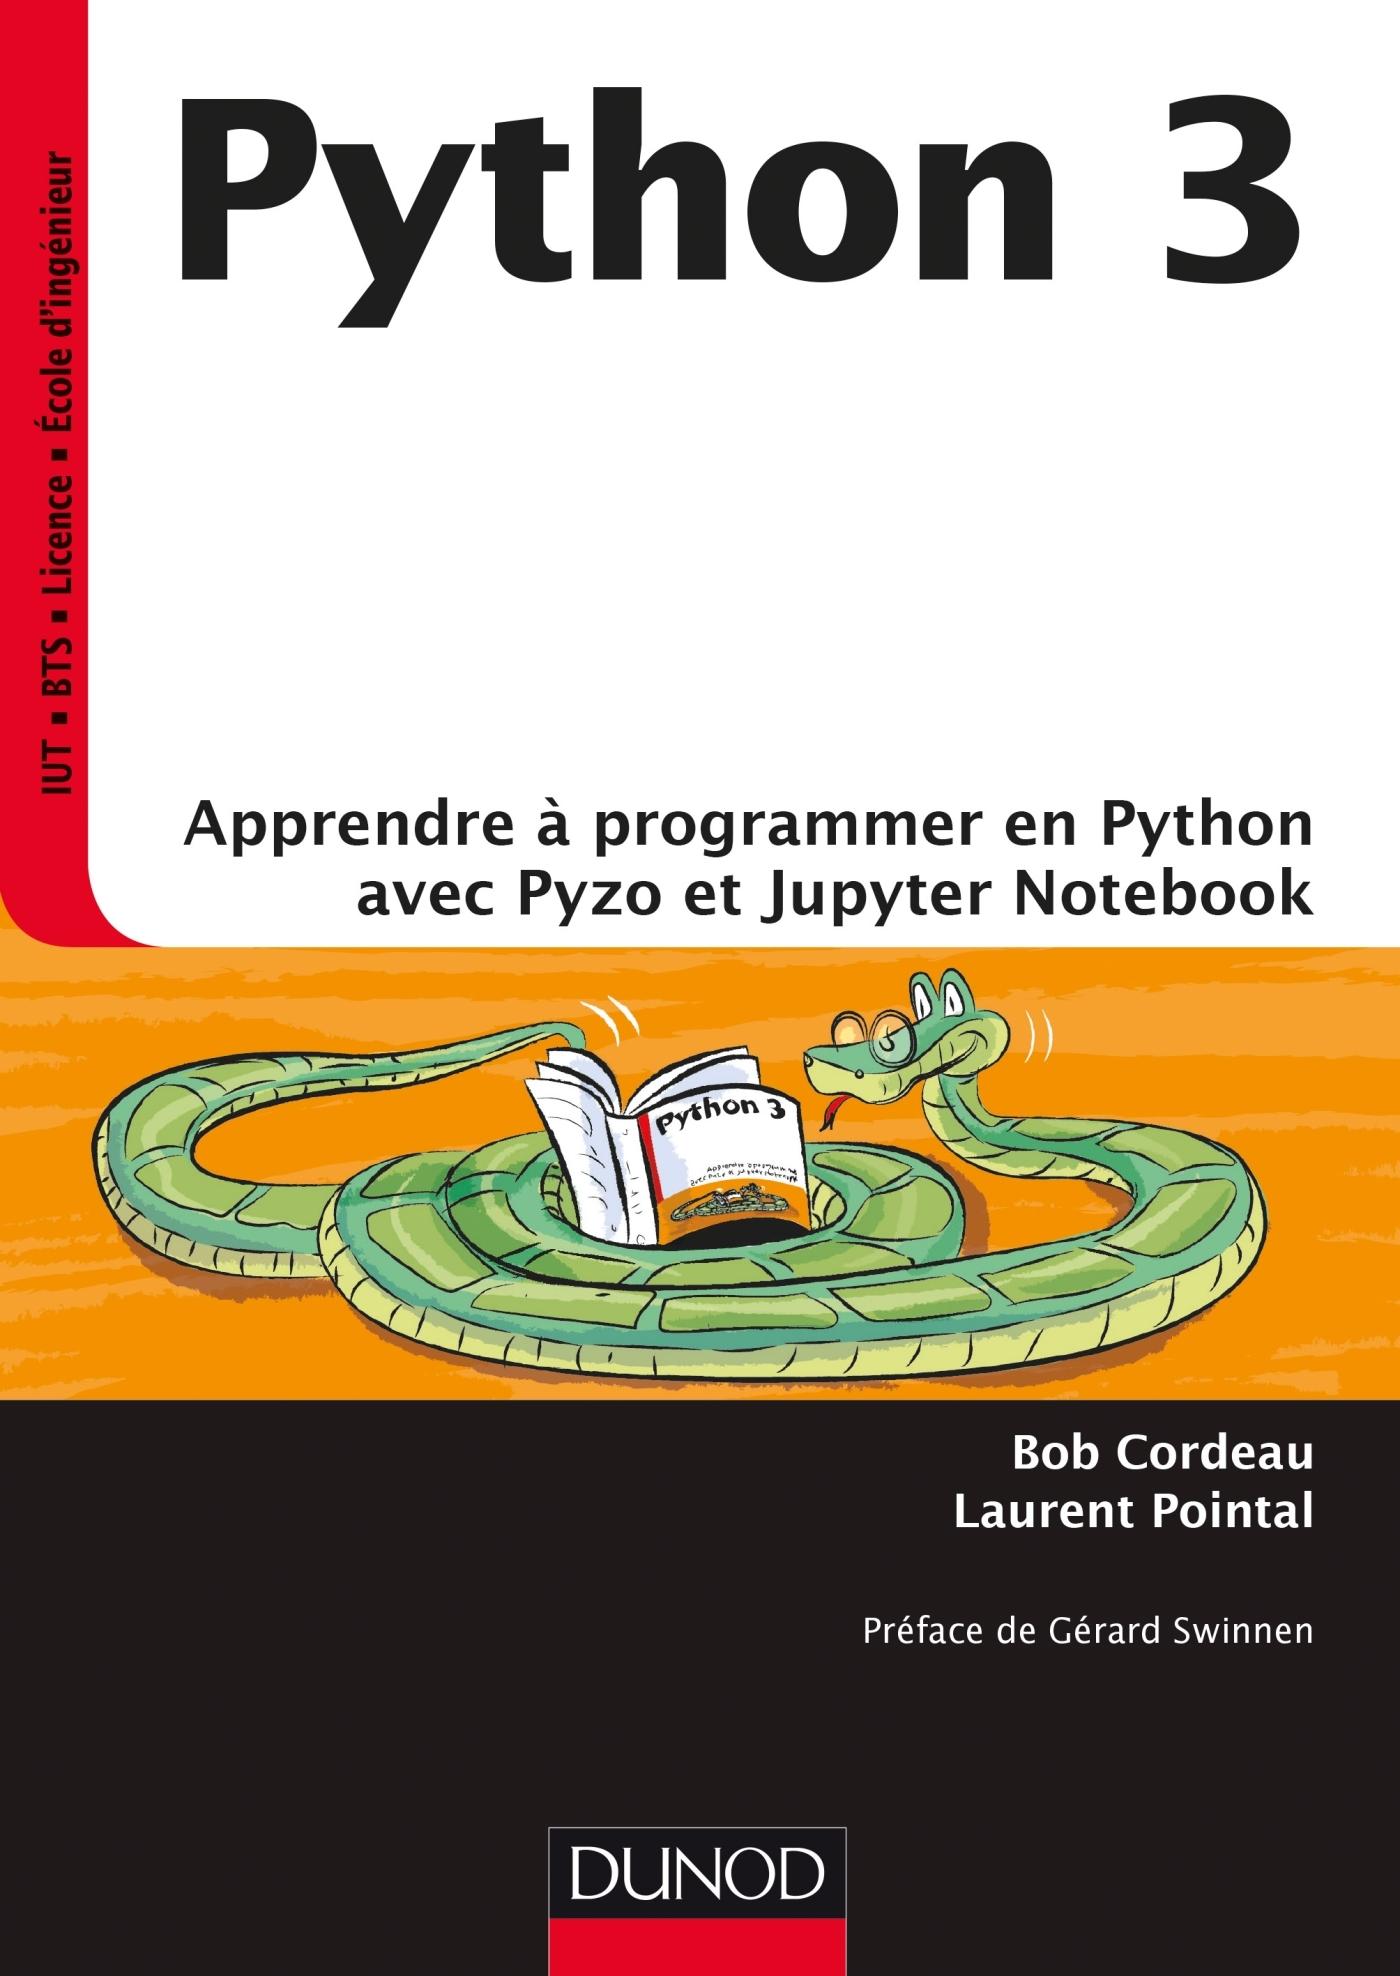 python 3 apprendre programmer en python avec pyzo et jupyter notebook livre d veloppement. Black Bedroom Furniture Sets. Home Design Ideas